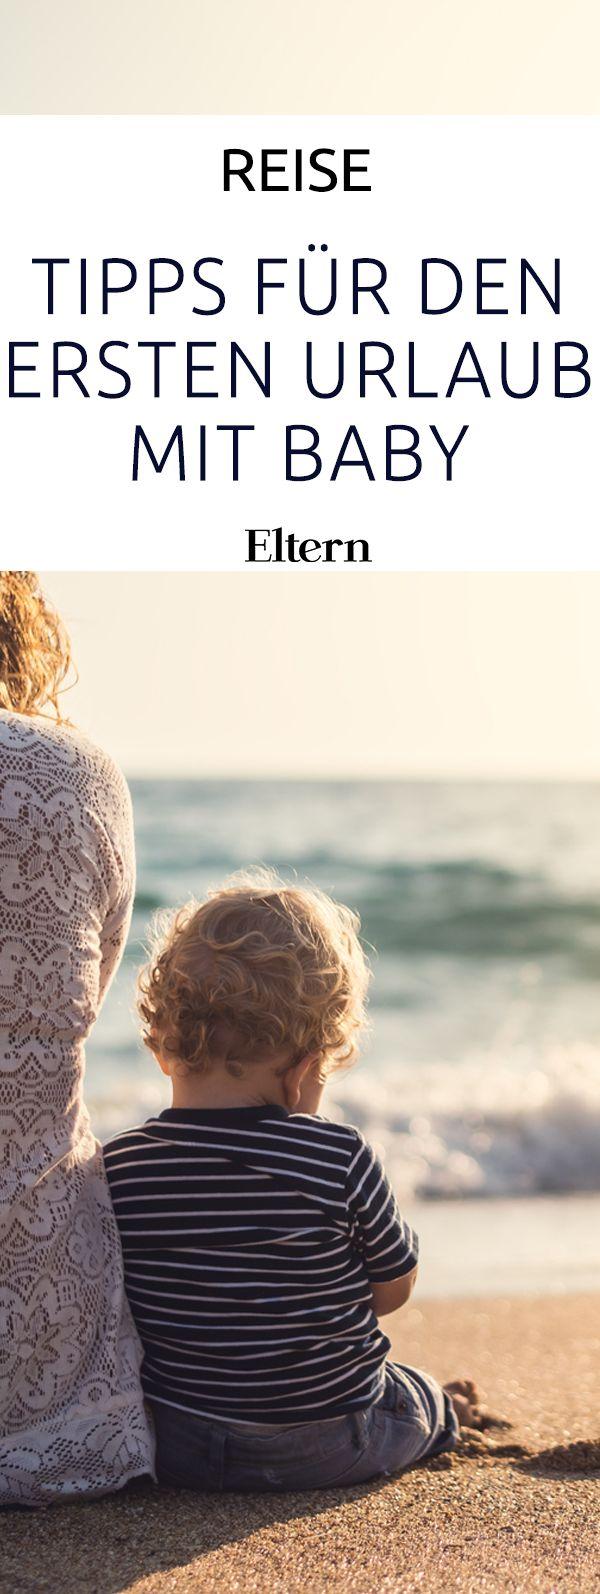 Endlich Urlaubszeit! Wer zum ersten Mal mit Baby eine Reise plant, hat viele Fragen: Wohin soll es gehen? Wie kann ich meinem Kind die Anreise erleichtern? Und was muss alles mit? Damit Du den ersten gemeinsamen Urlaub richtig genießen kannst, haben wir hier ein paar Tipps für Dich.